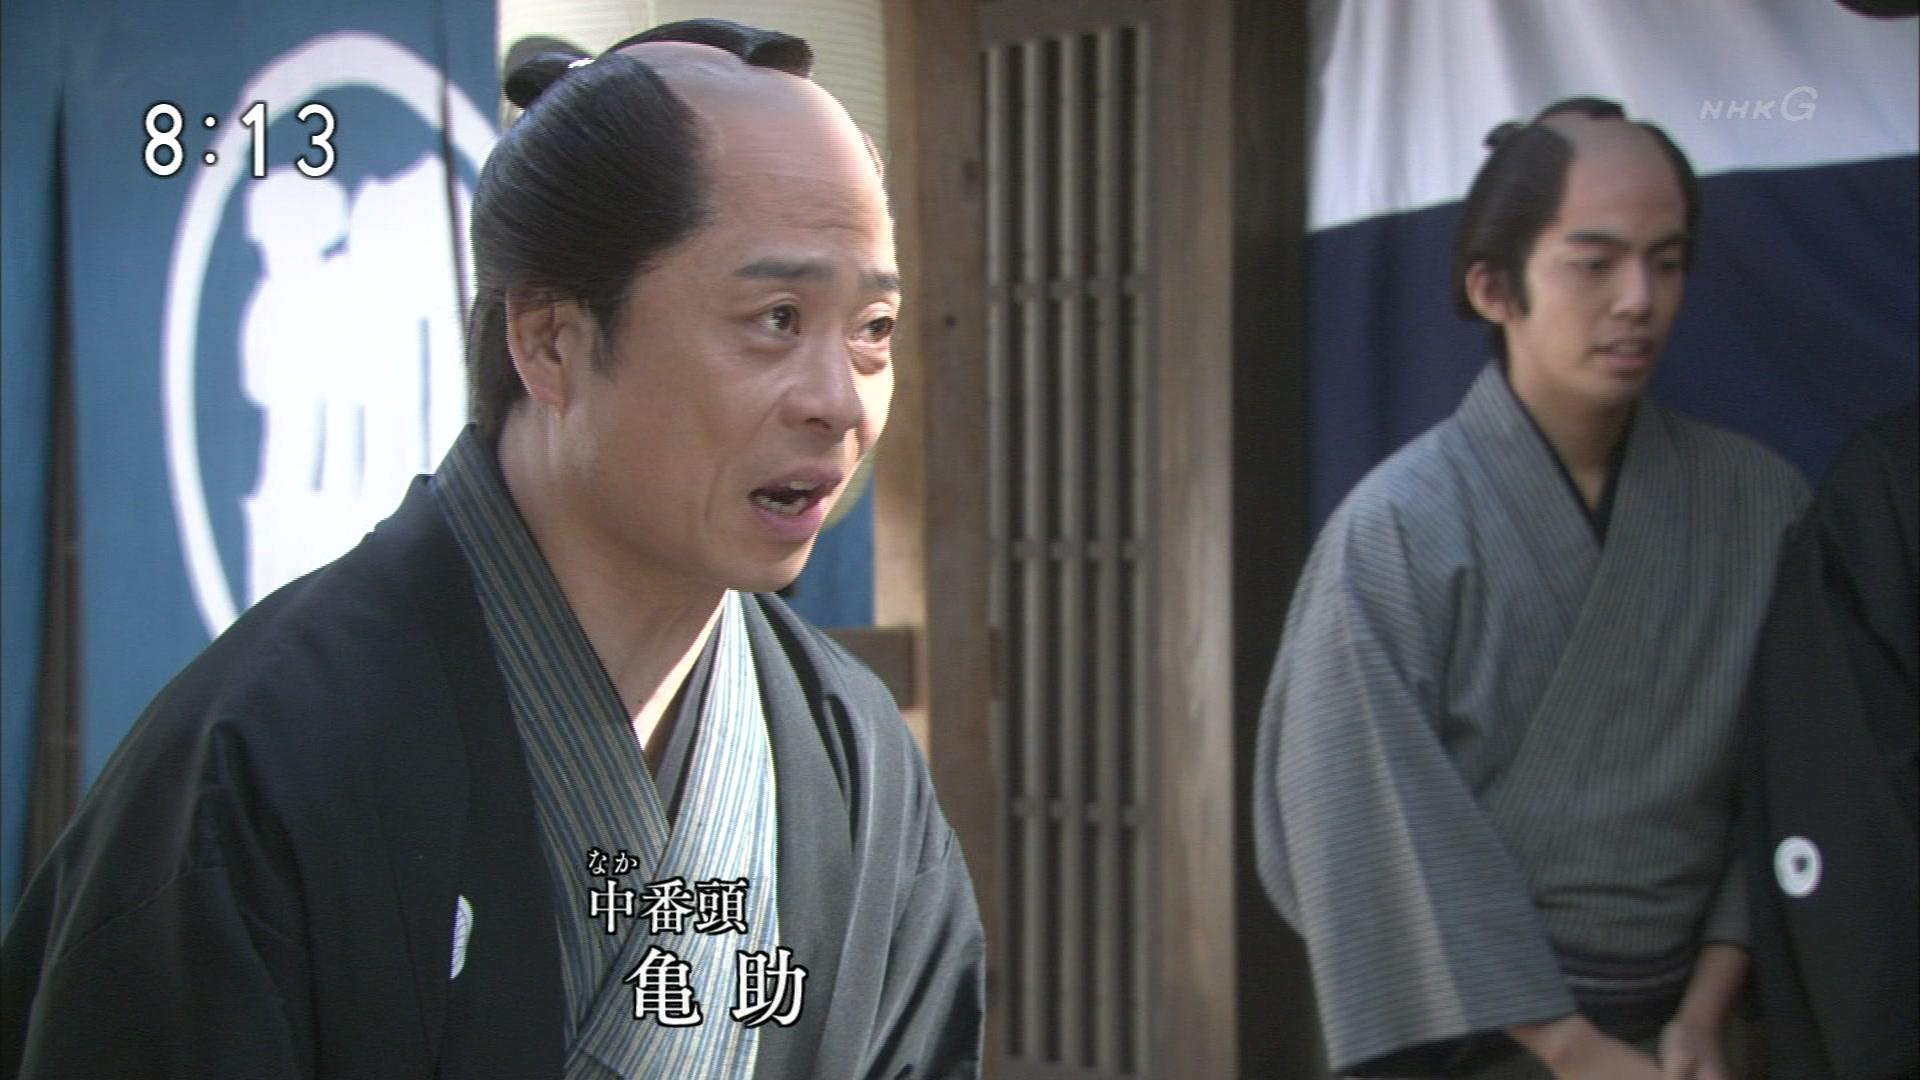 2015-10-10 08:00 連続テレビ小説 あさが来た(12)「ふたつの花びら」 2516